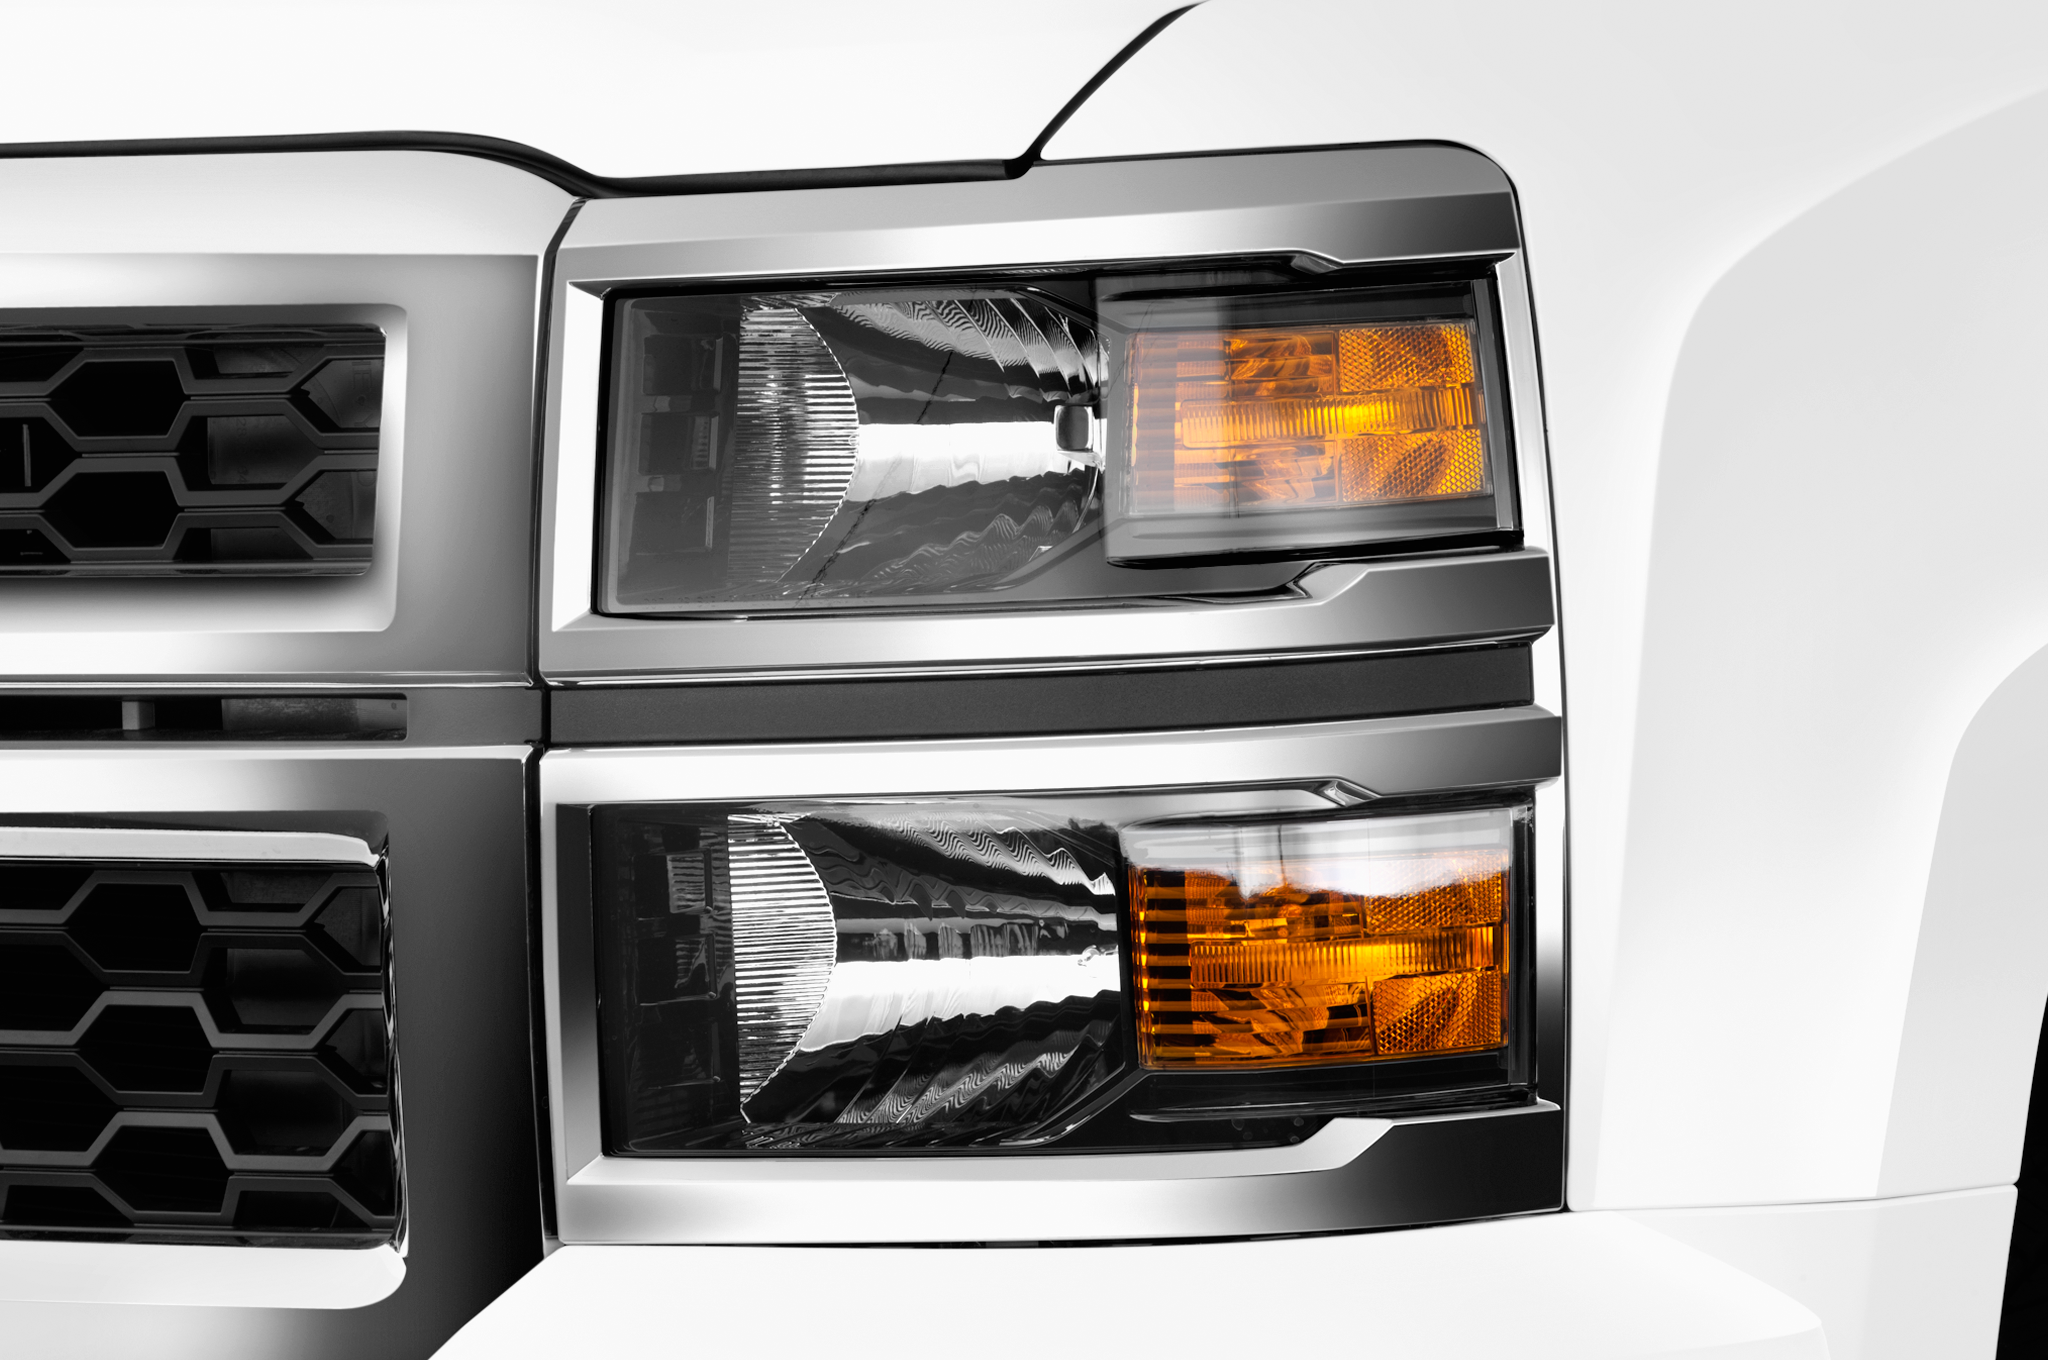 2016 Chevrolet Silverado Gmc Sierra Add Eassist Hybrid Automobile 2015 Chevy Fog Lights 39 125